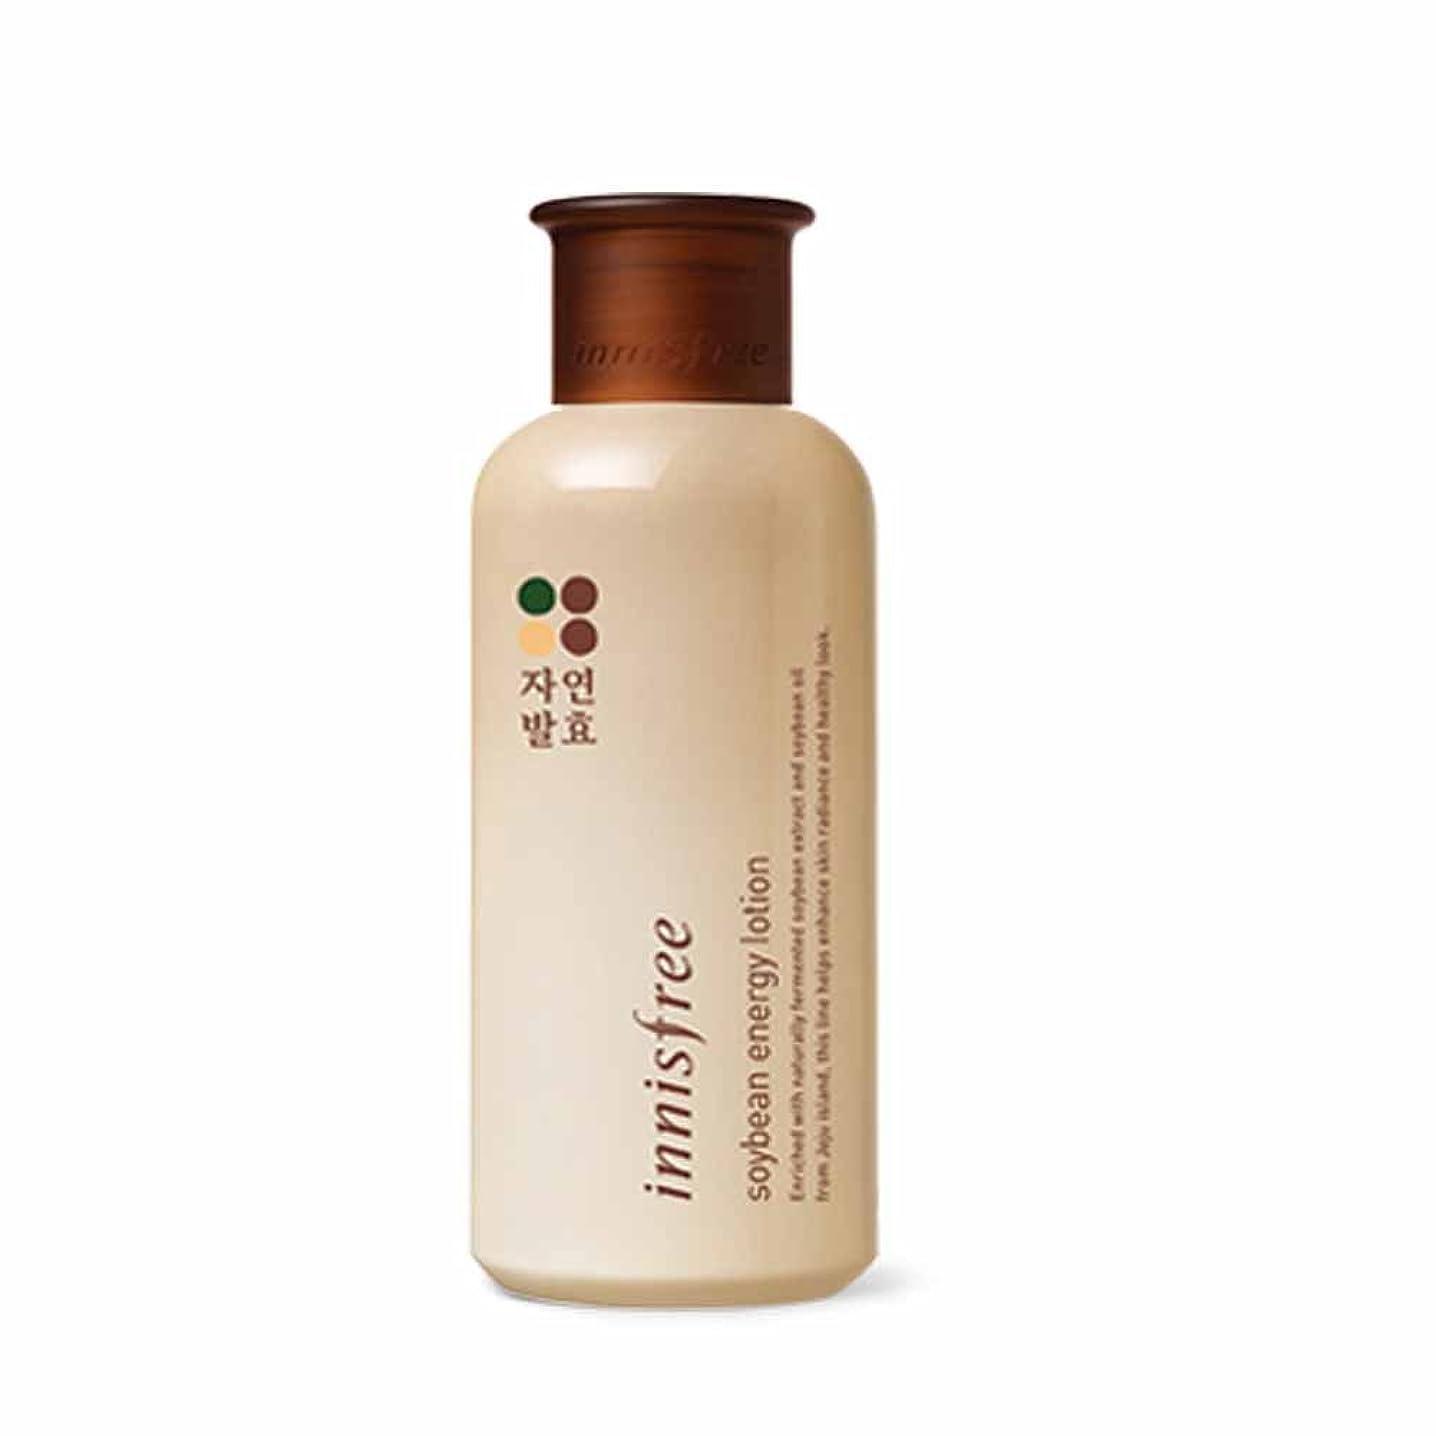 経済的ようこそフロントイニスフリーソイビーンエナジースキン(トナー)200ml / Innisfree Soybean Energy Skin(Toner) 200ml[海外直送品][並行輸入品]